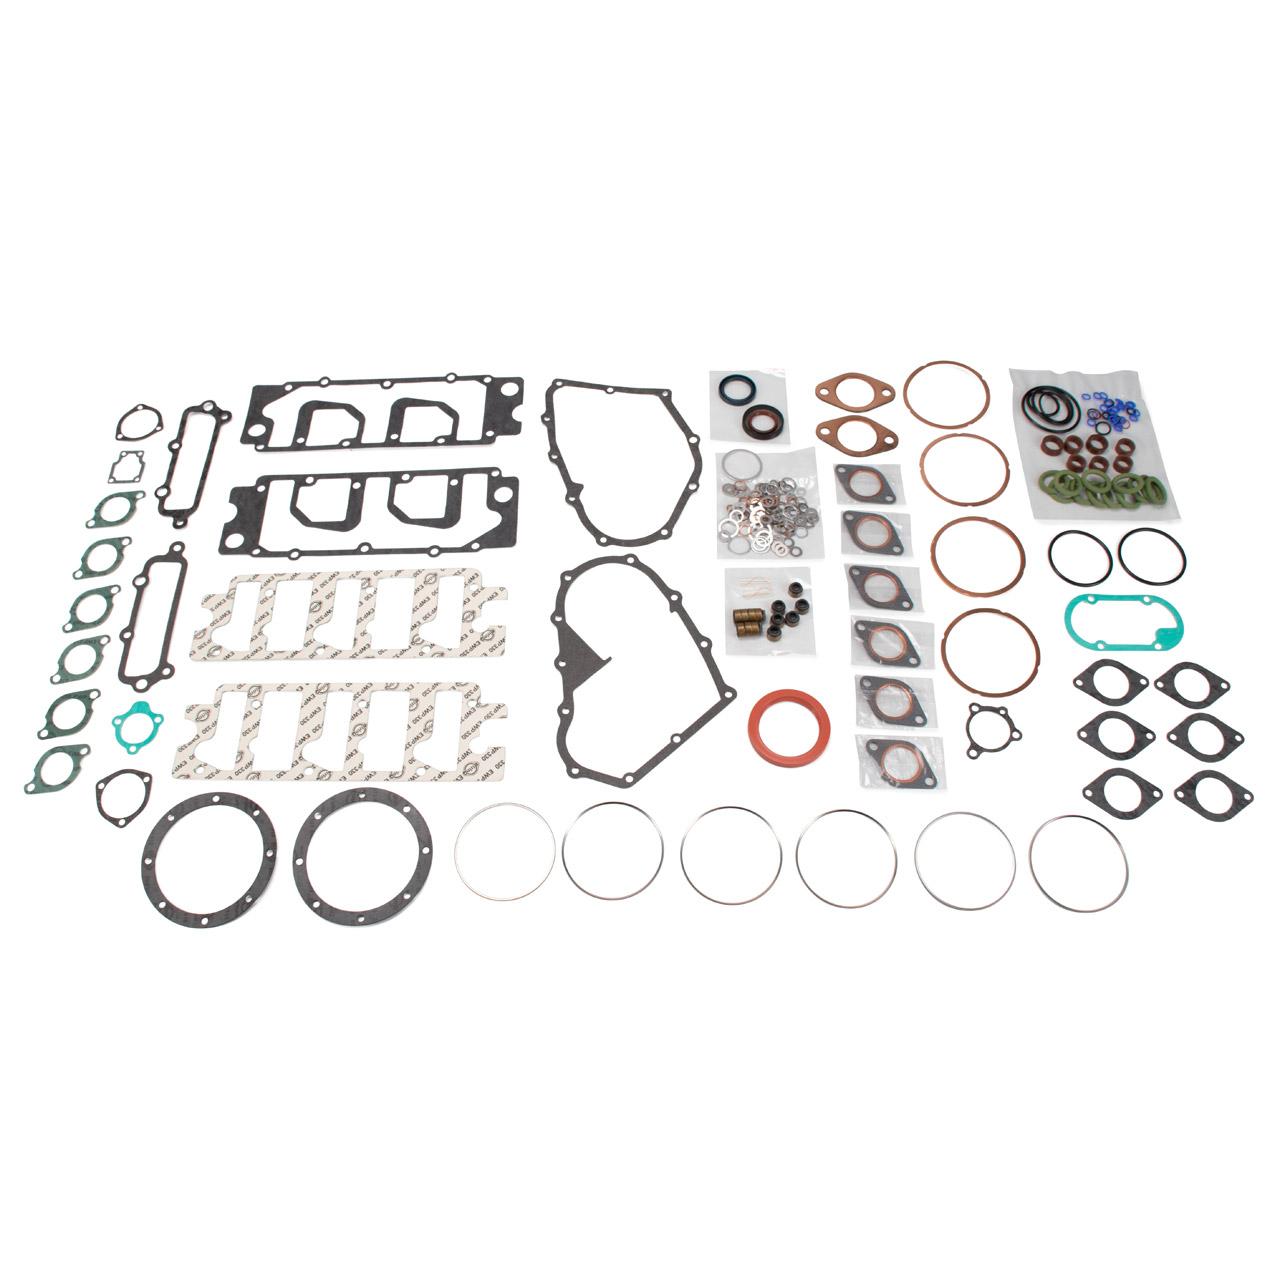 ELRING 232.182 Motordichtungssatz für PORSCHE 911 2.7 SC Carrera RS 91110090700